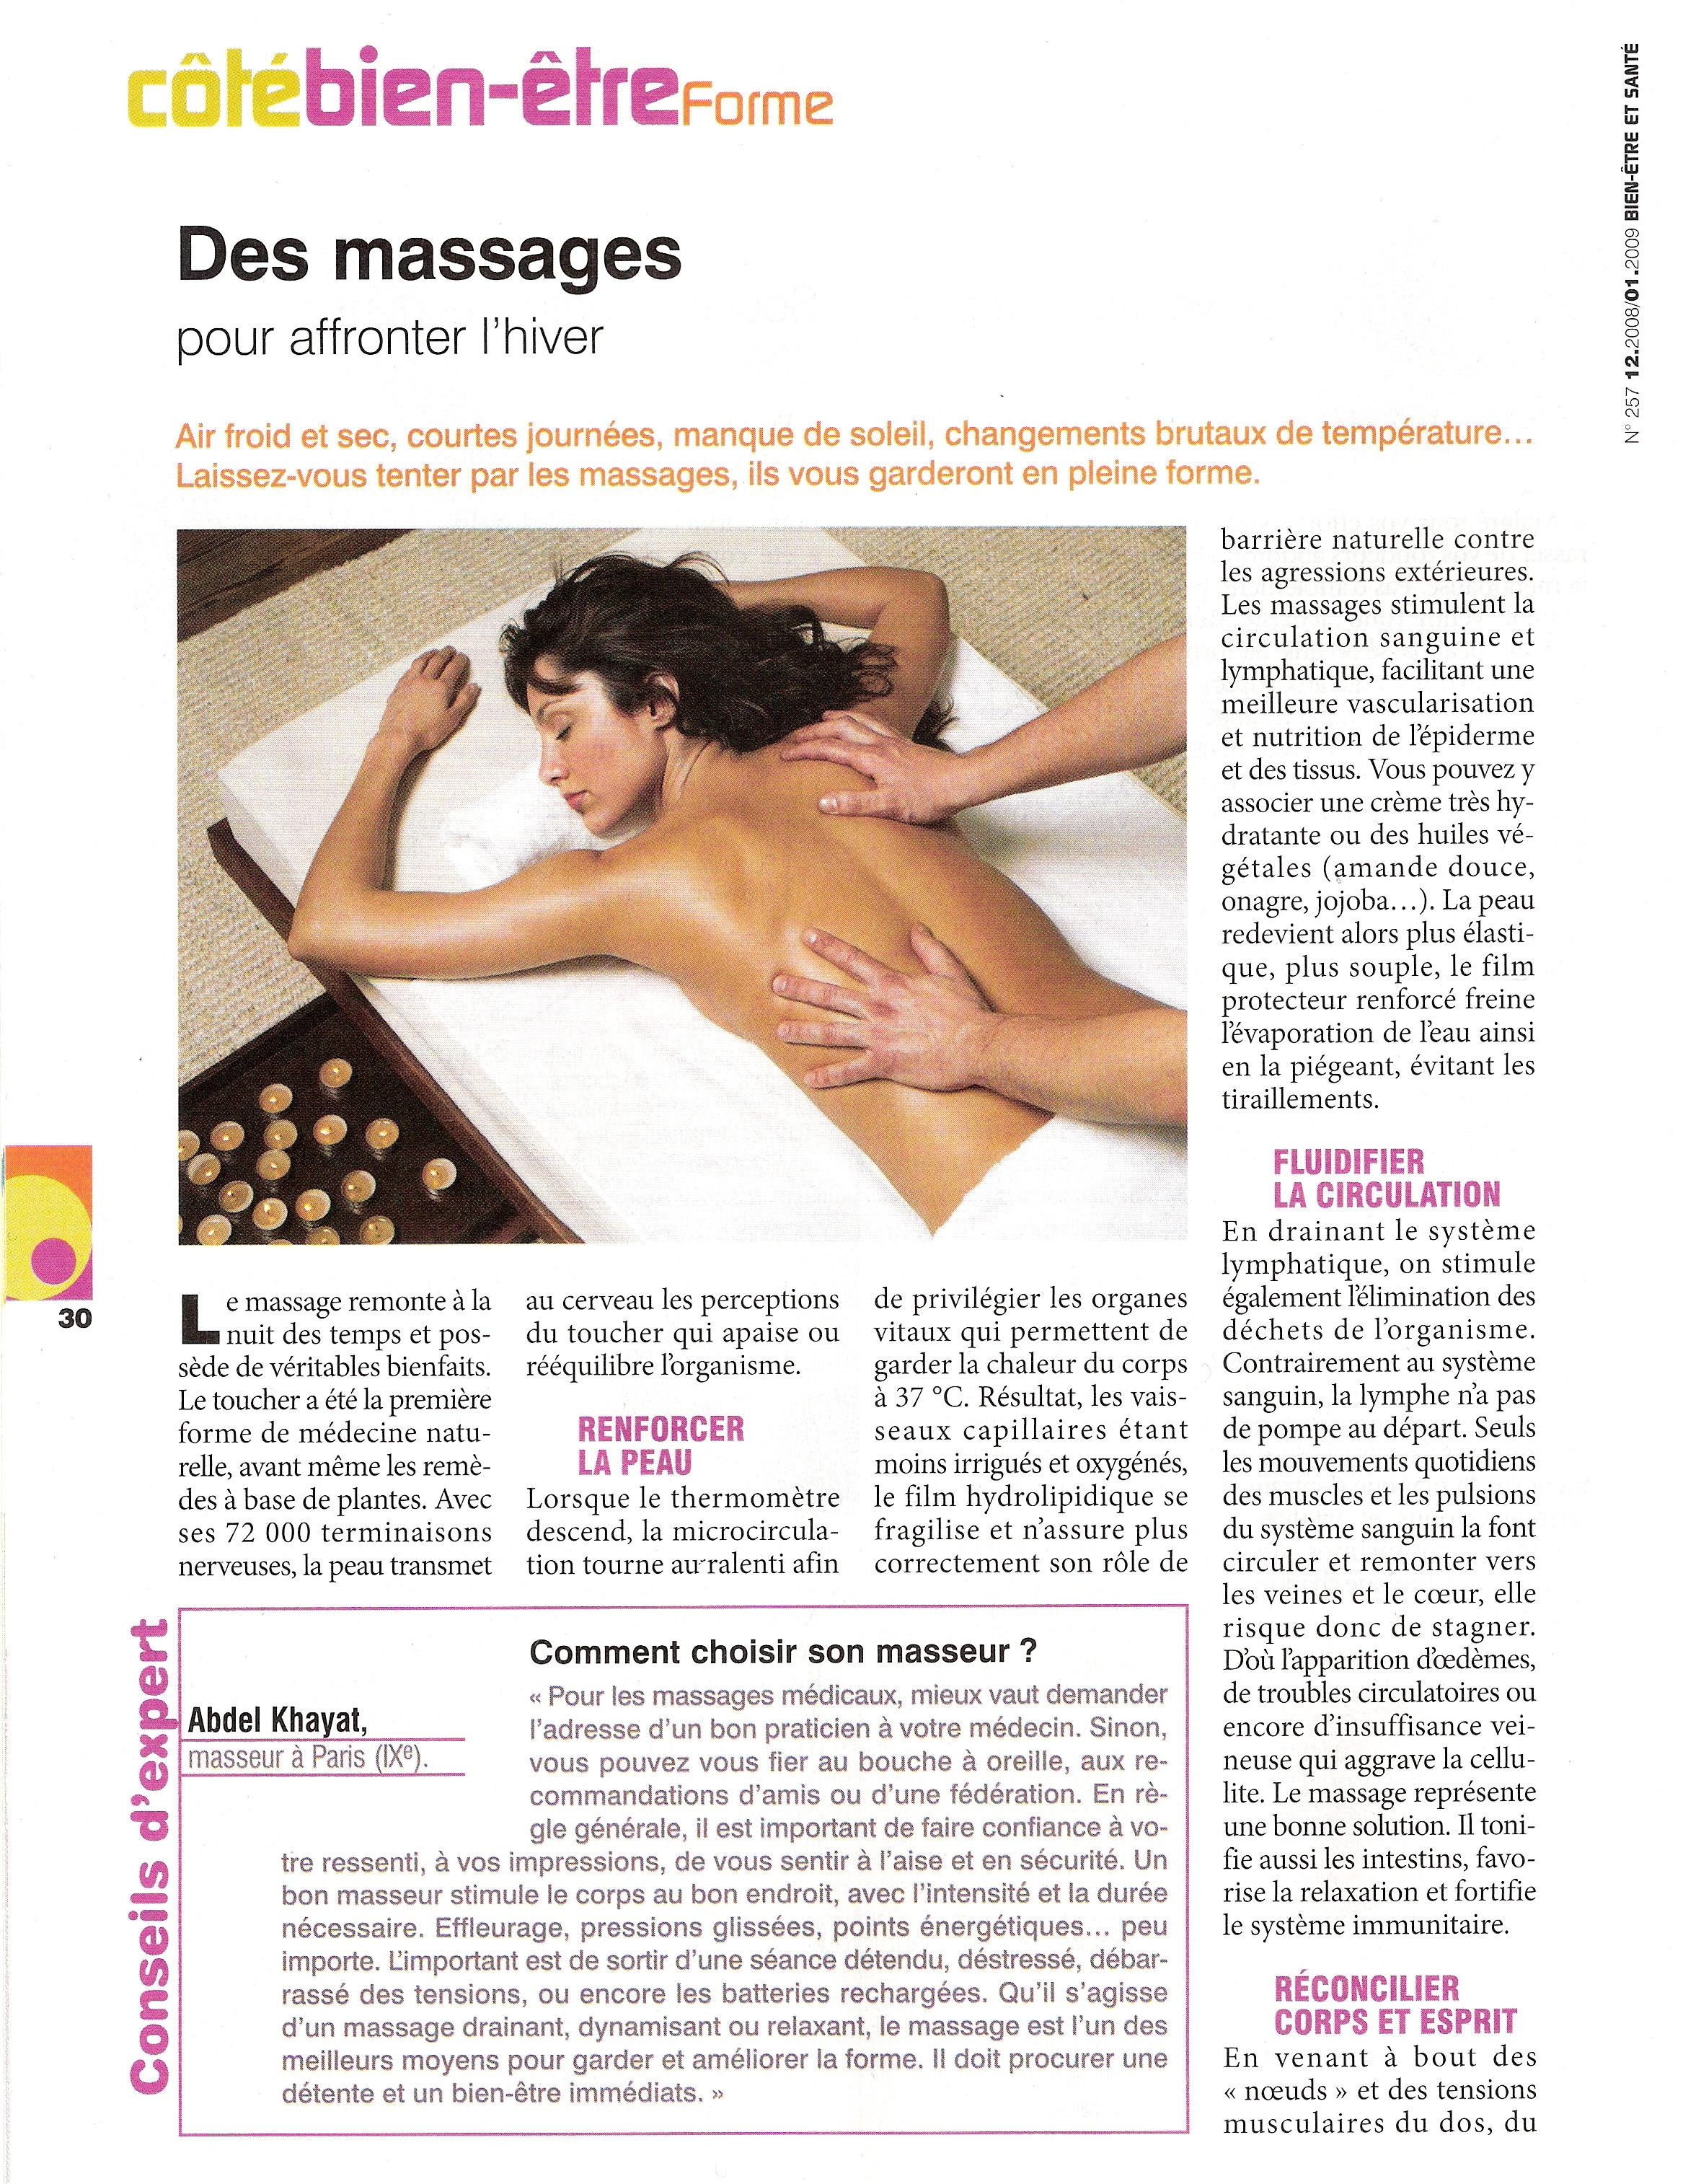 Des massages pour affronter l'hiver